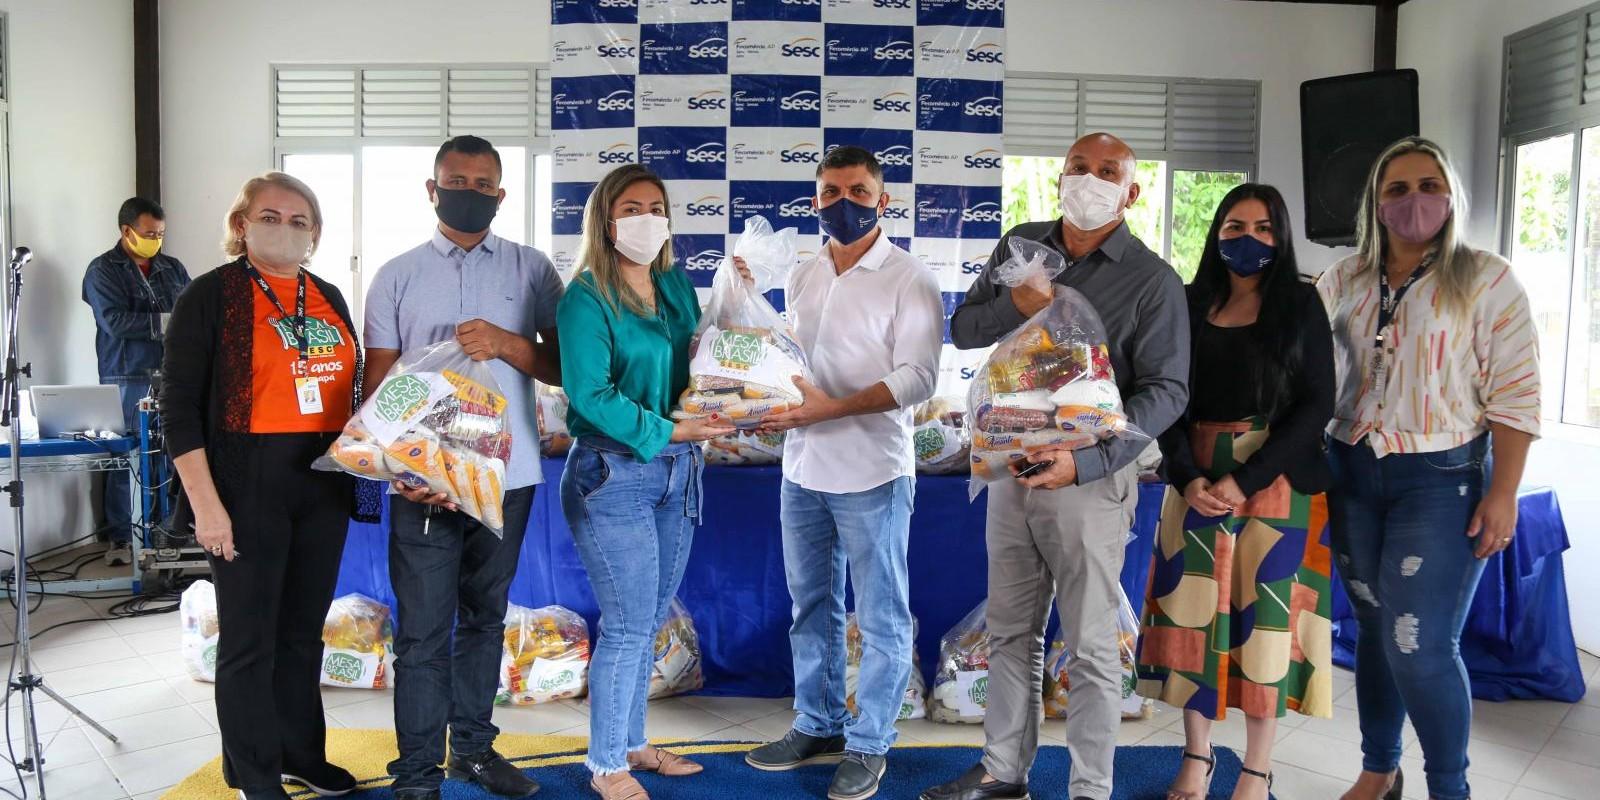 Ação Mesa Brasil - Entrega de cestas básicas nos municípios de Santana, Mazagão, Amapá e Tartarugalzinho